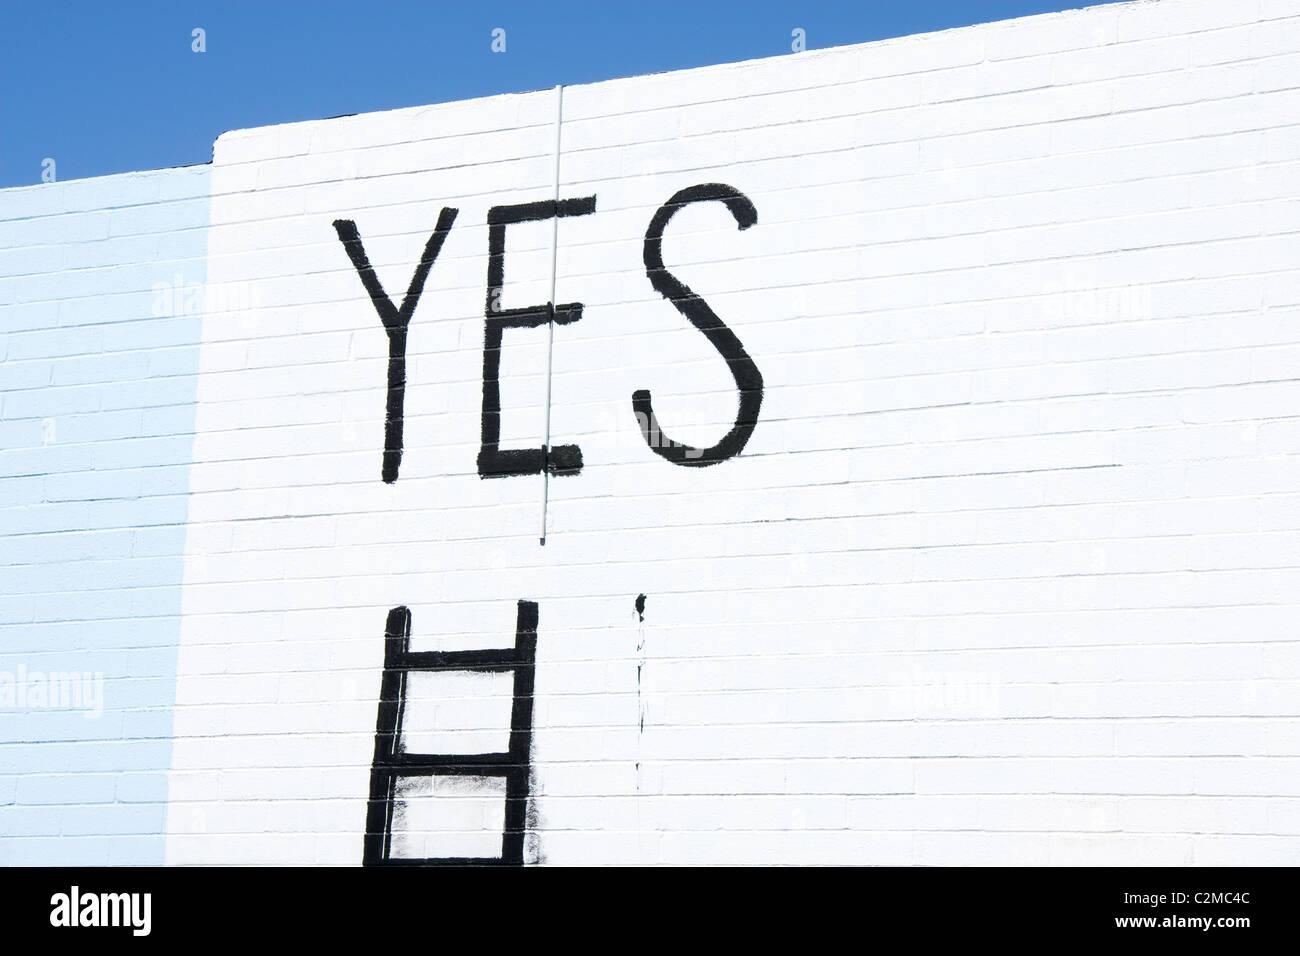 Mot oui écrit sur un mur Photo Stock